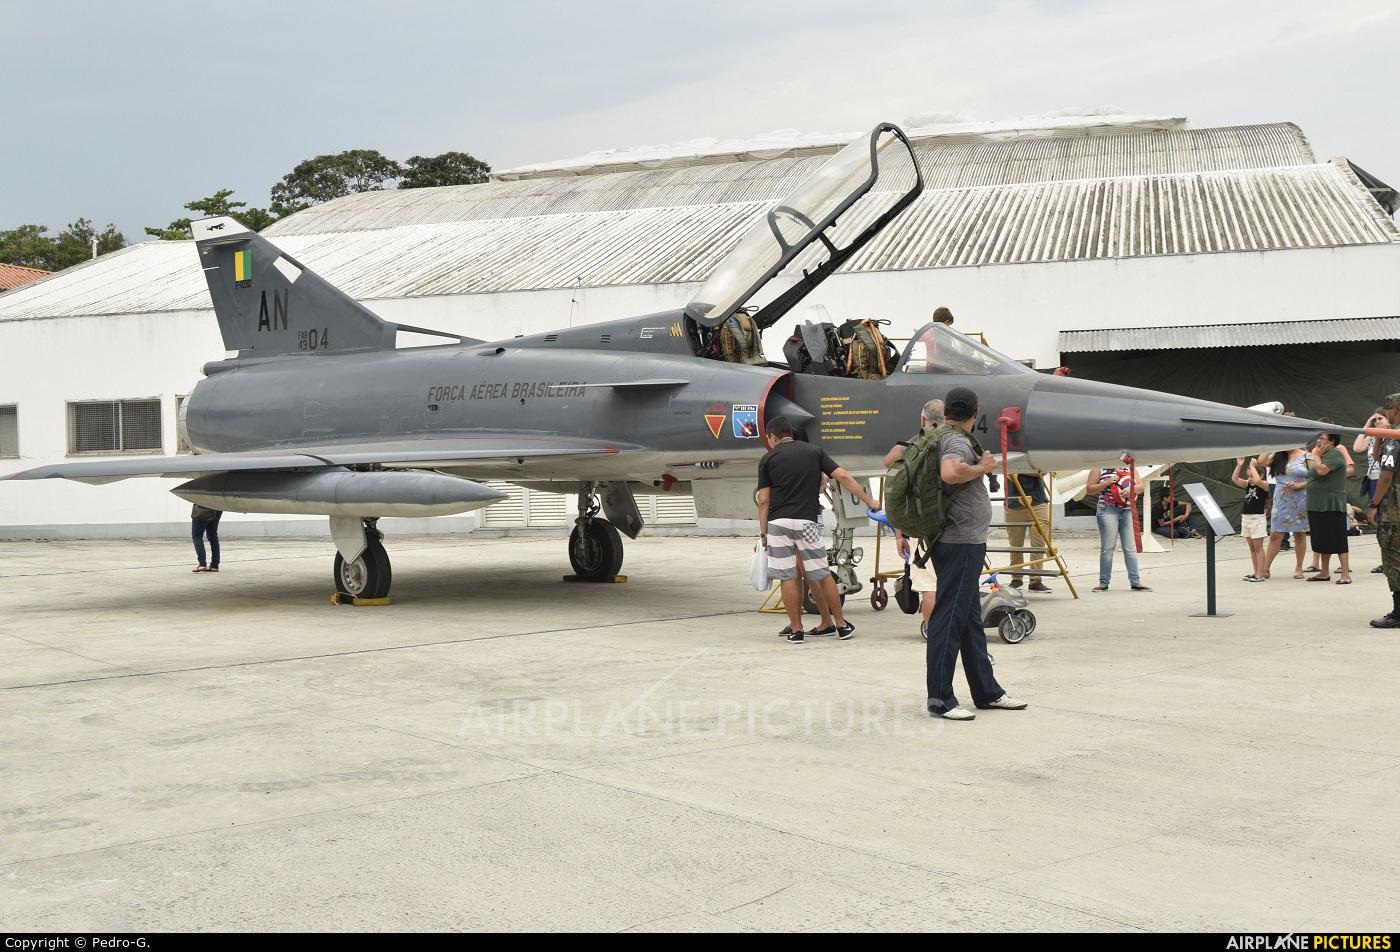 Brazil - Air Force 4904 aircraft at Campo Délio Jardim de Matos - Afonsos AFB